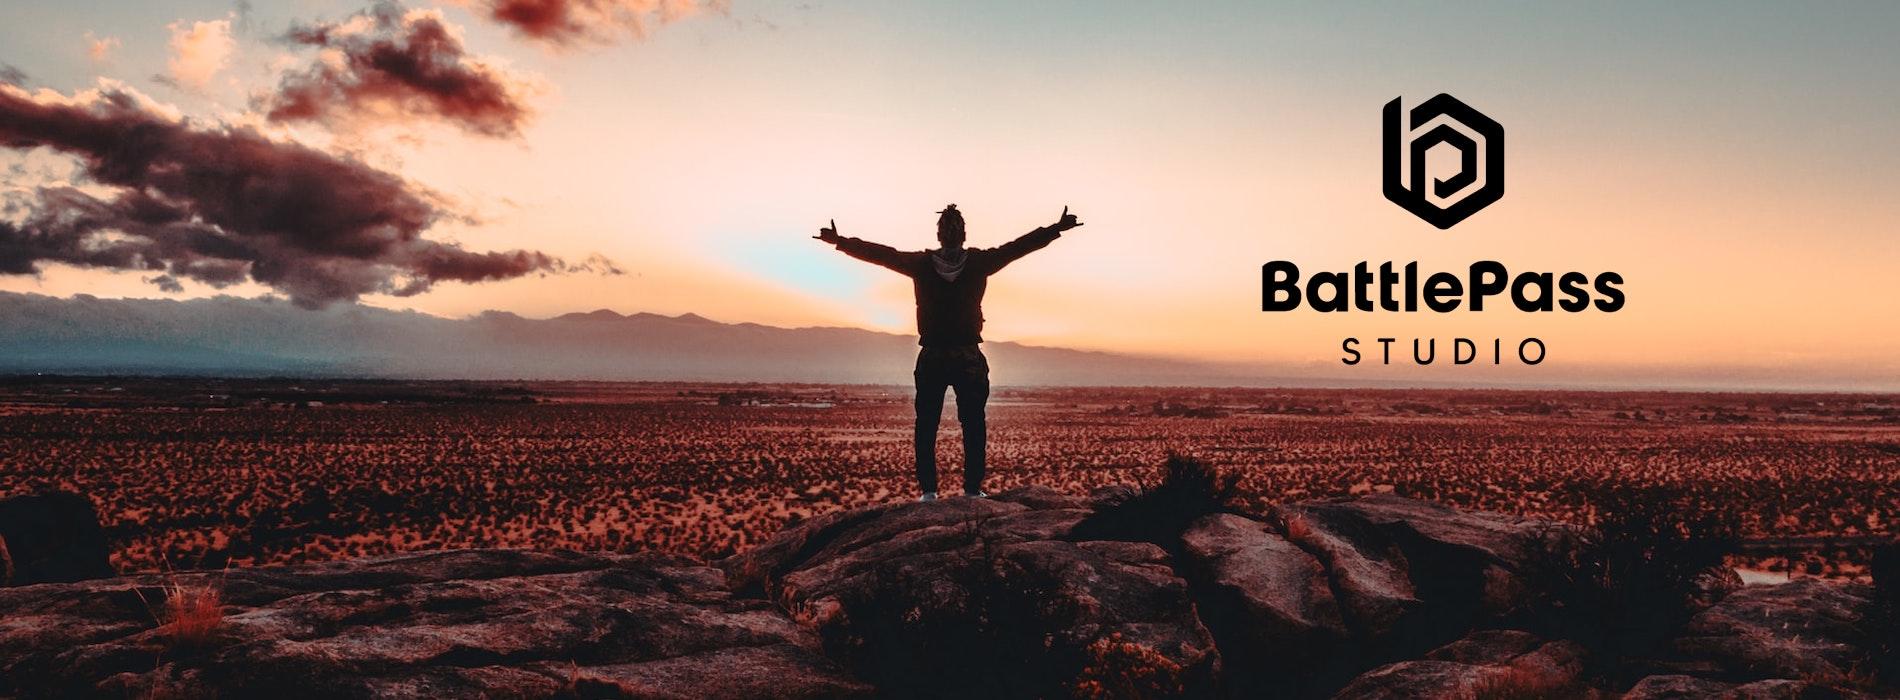 BattlePass studio banner, man stands towards sunset